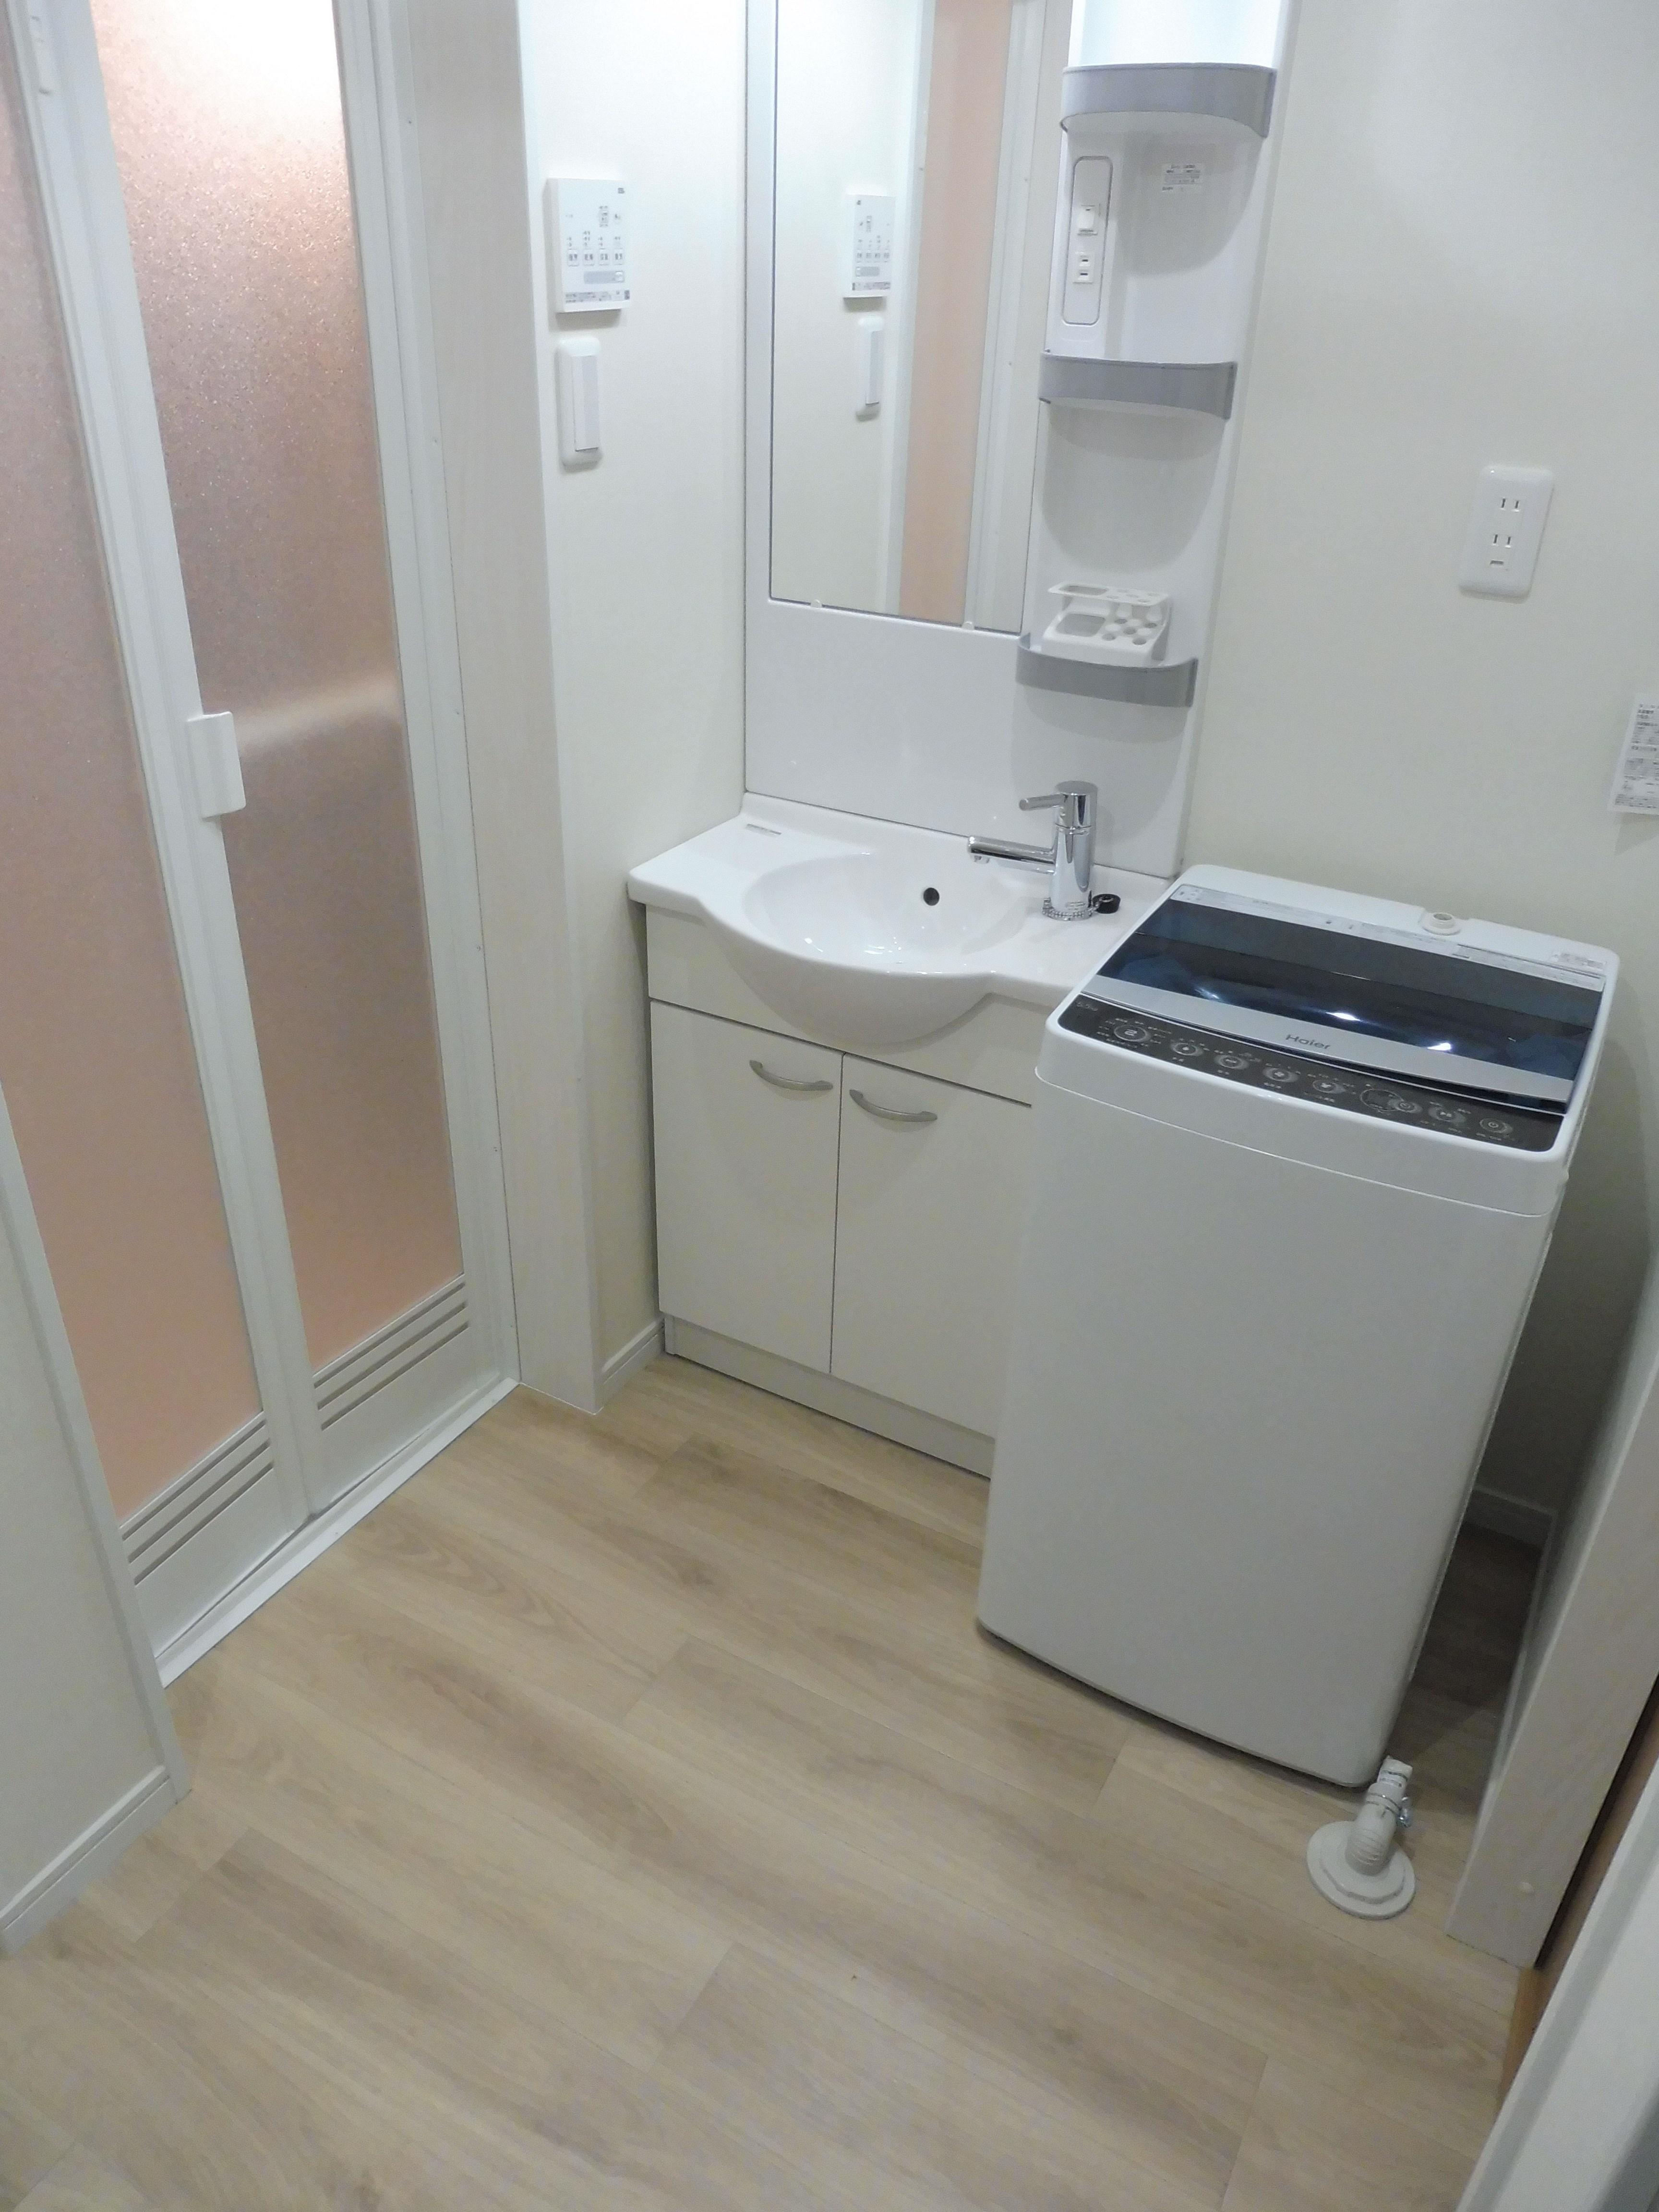 洗面台、洗濯機も付いています。